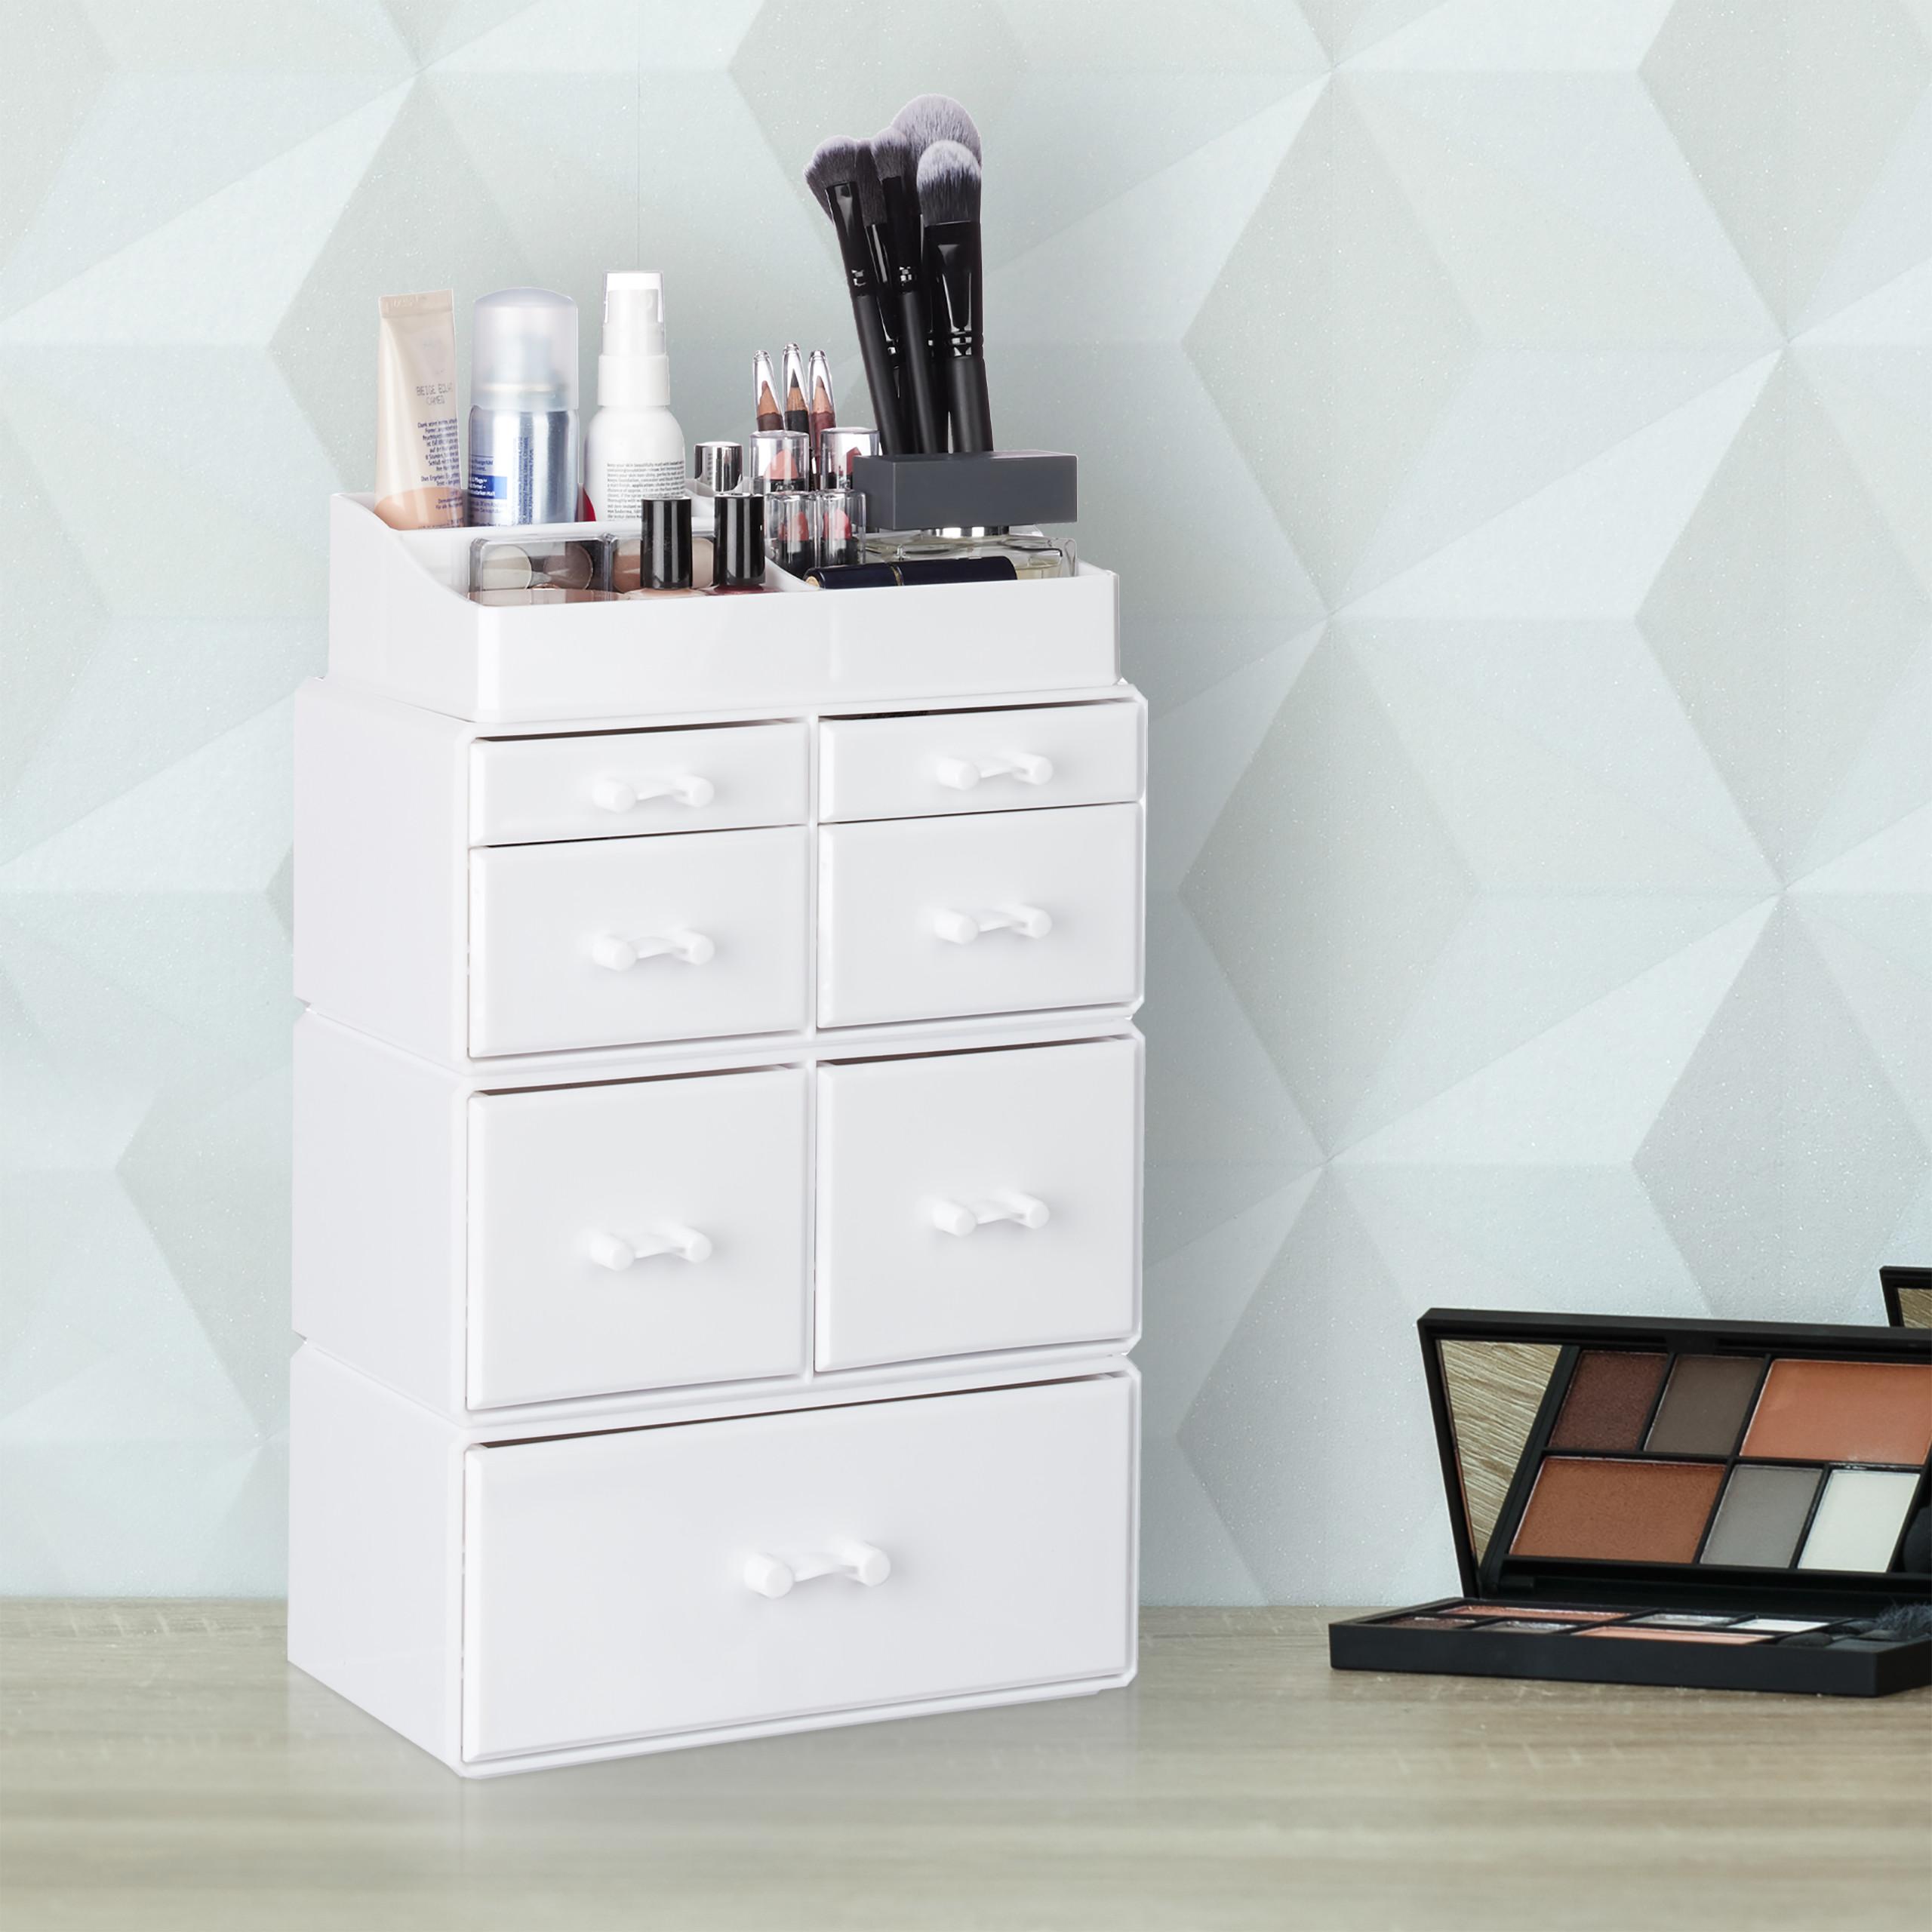 Make-Up-Organizer-hoch-Kosmetik-Tower-mit-Schubladen-Make-Up-Stander-stapelbar miniatura 12